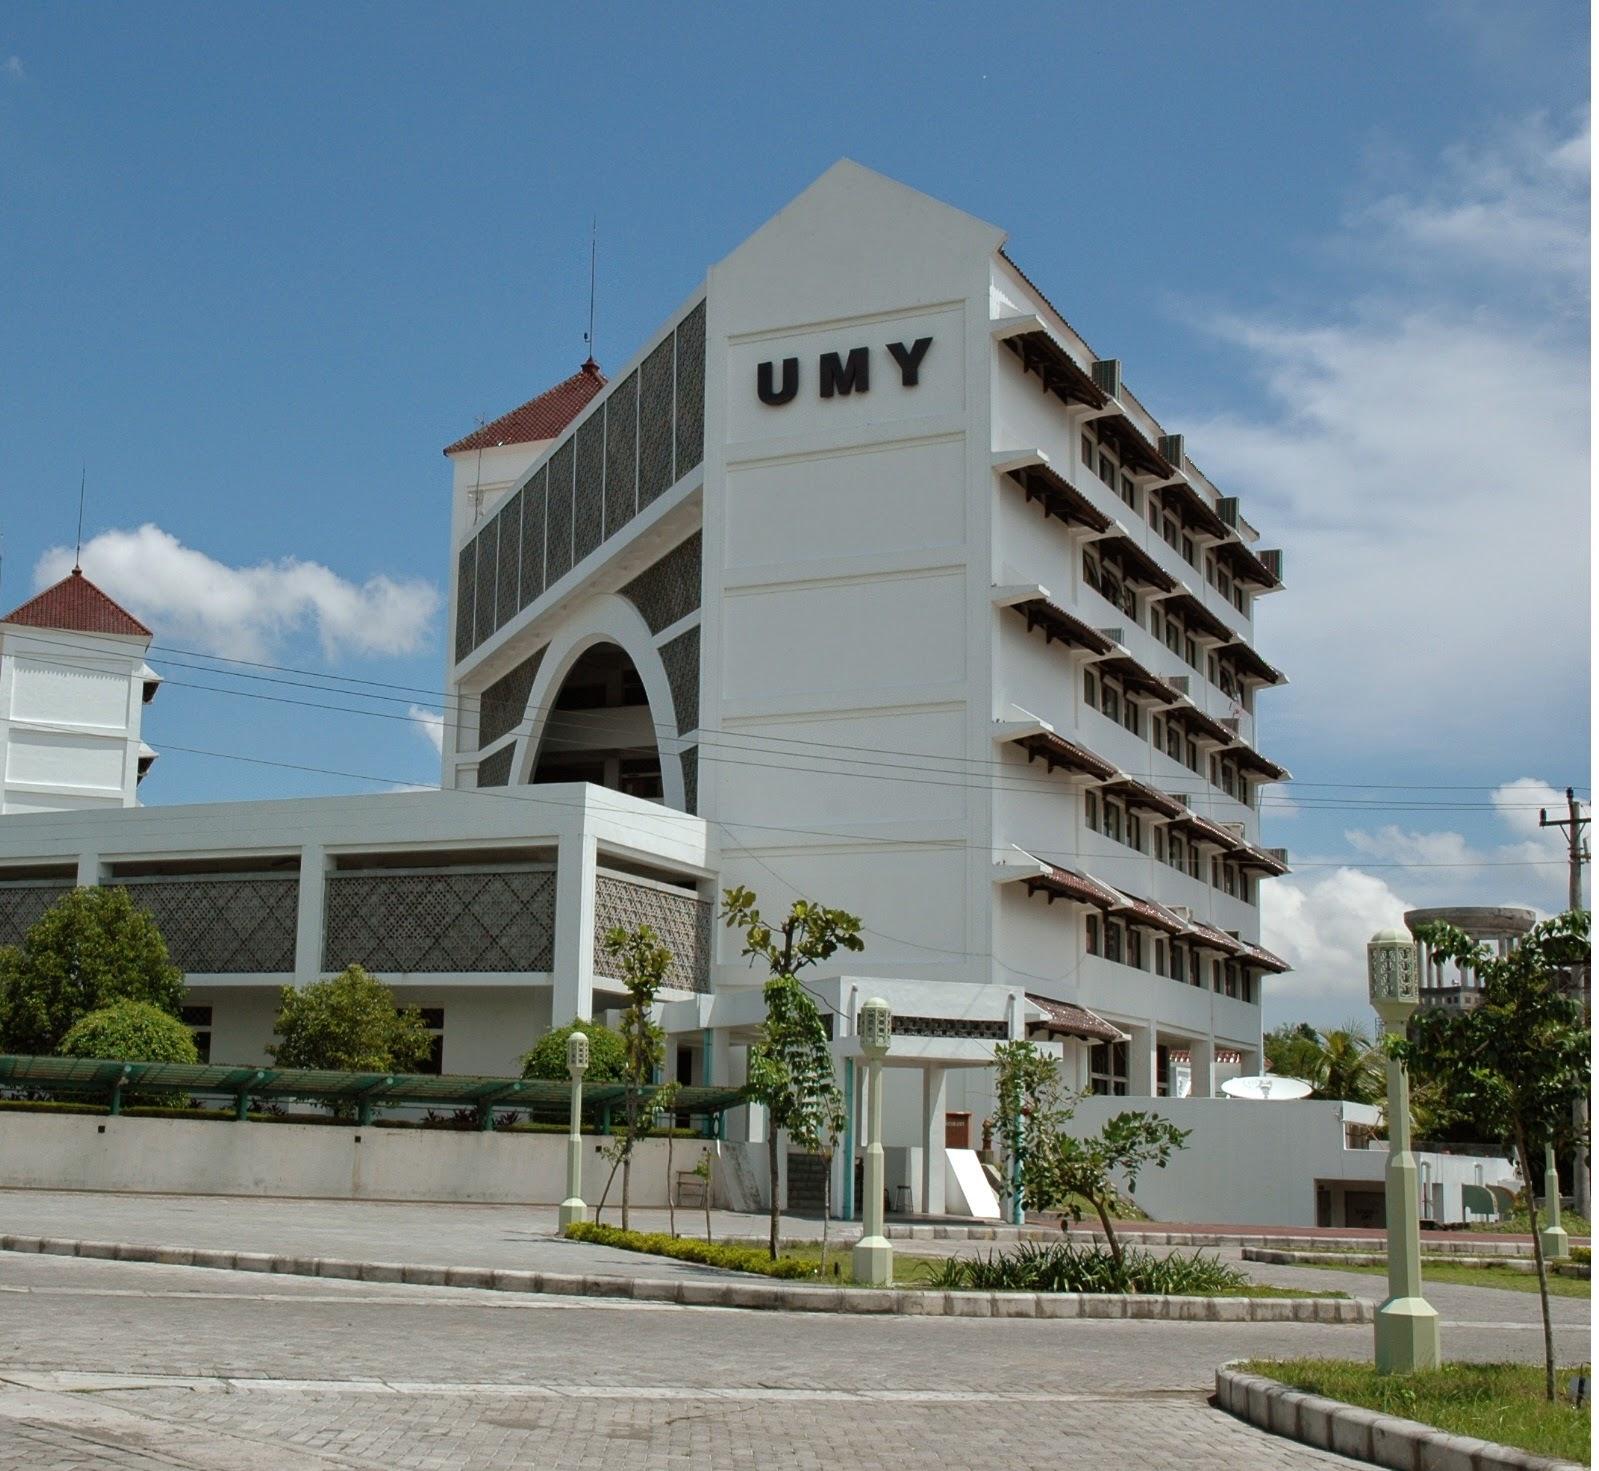 Daftar Fakultas Dan Akreditasi Universitas Muhammadiyah Yogyakarta